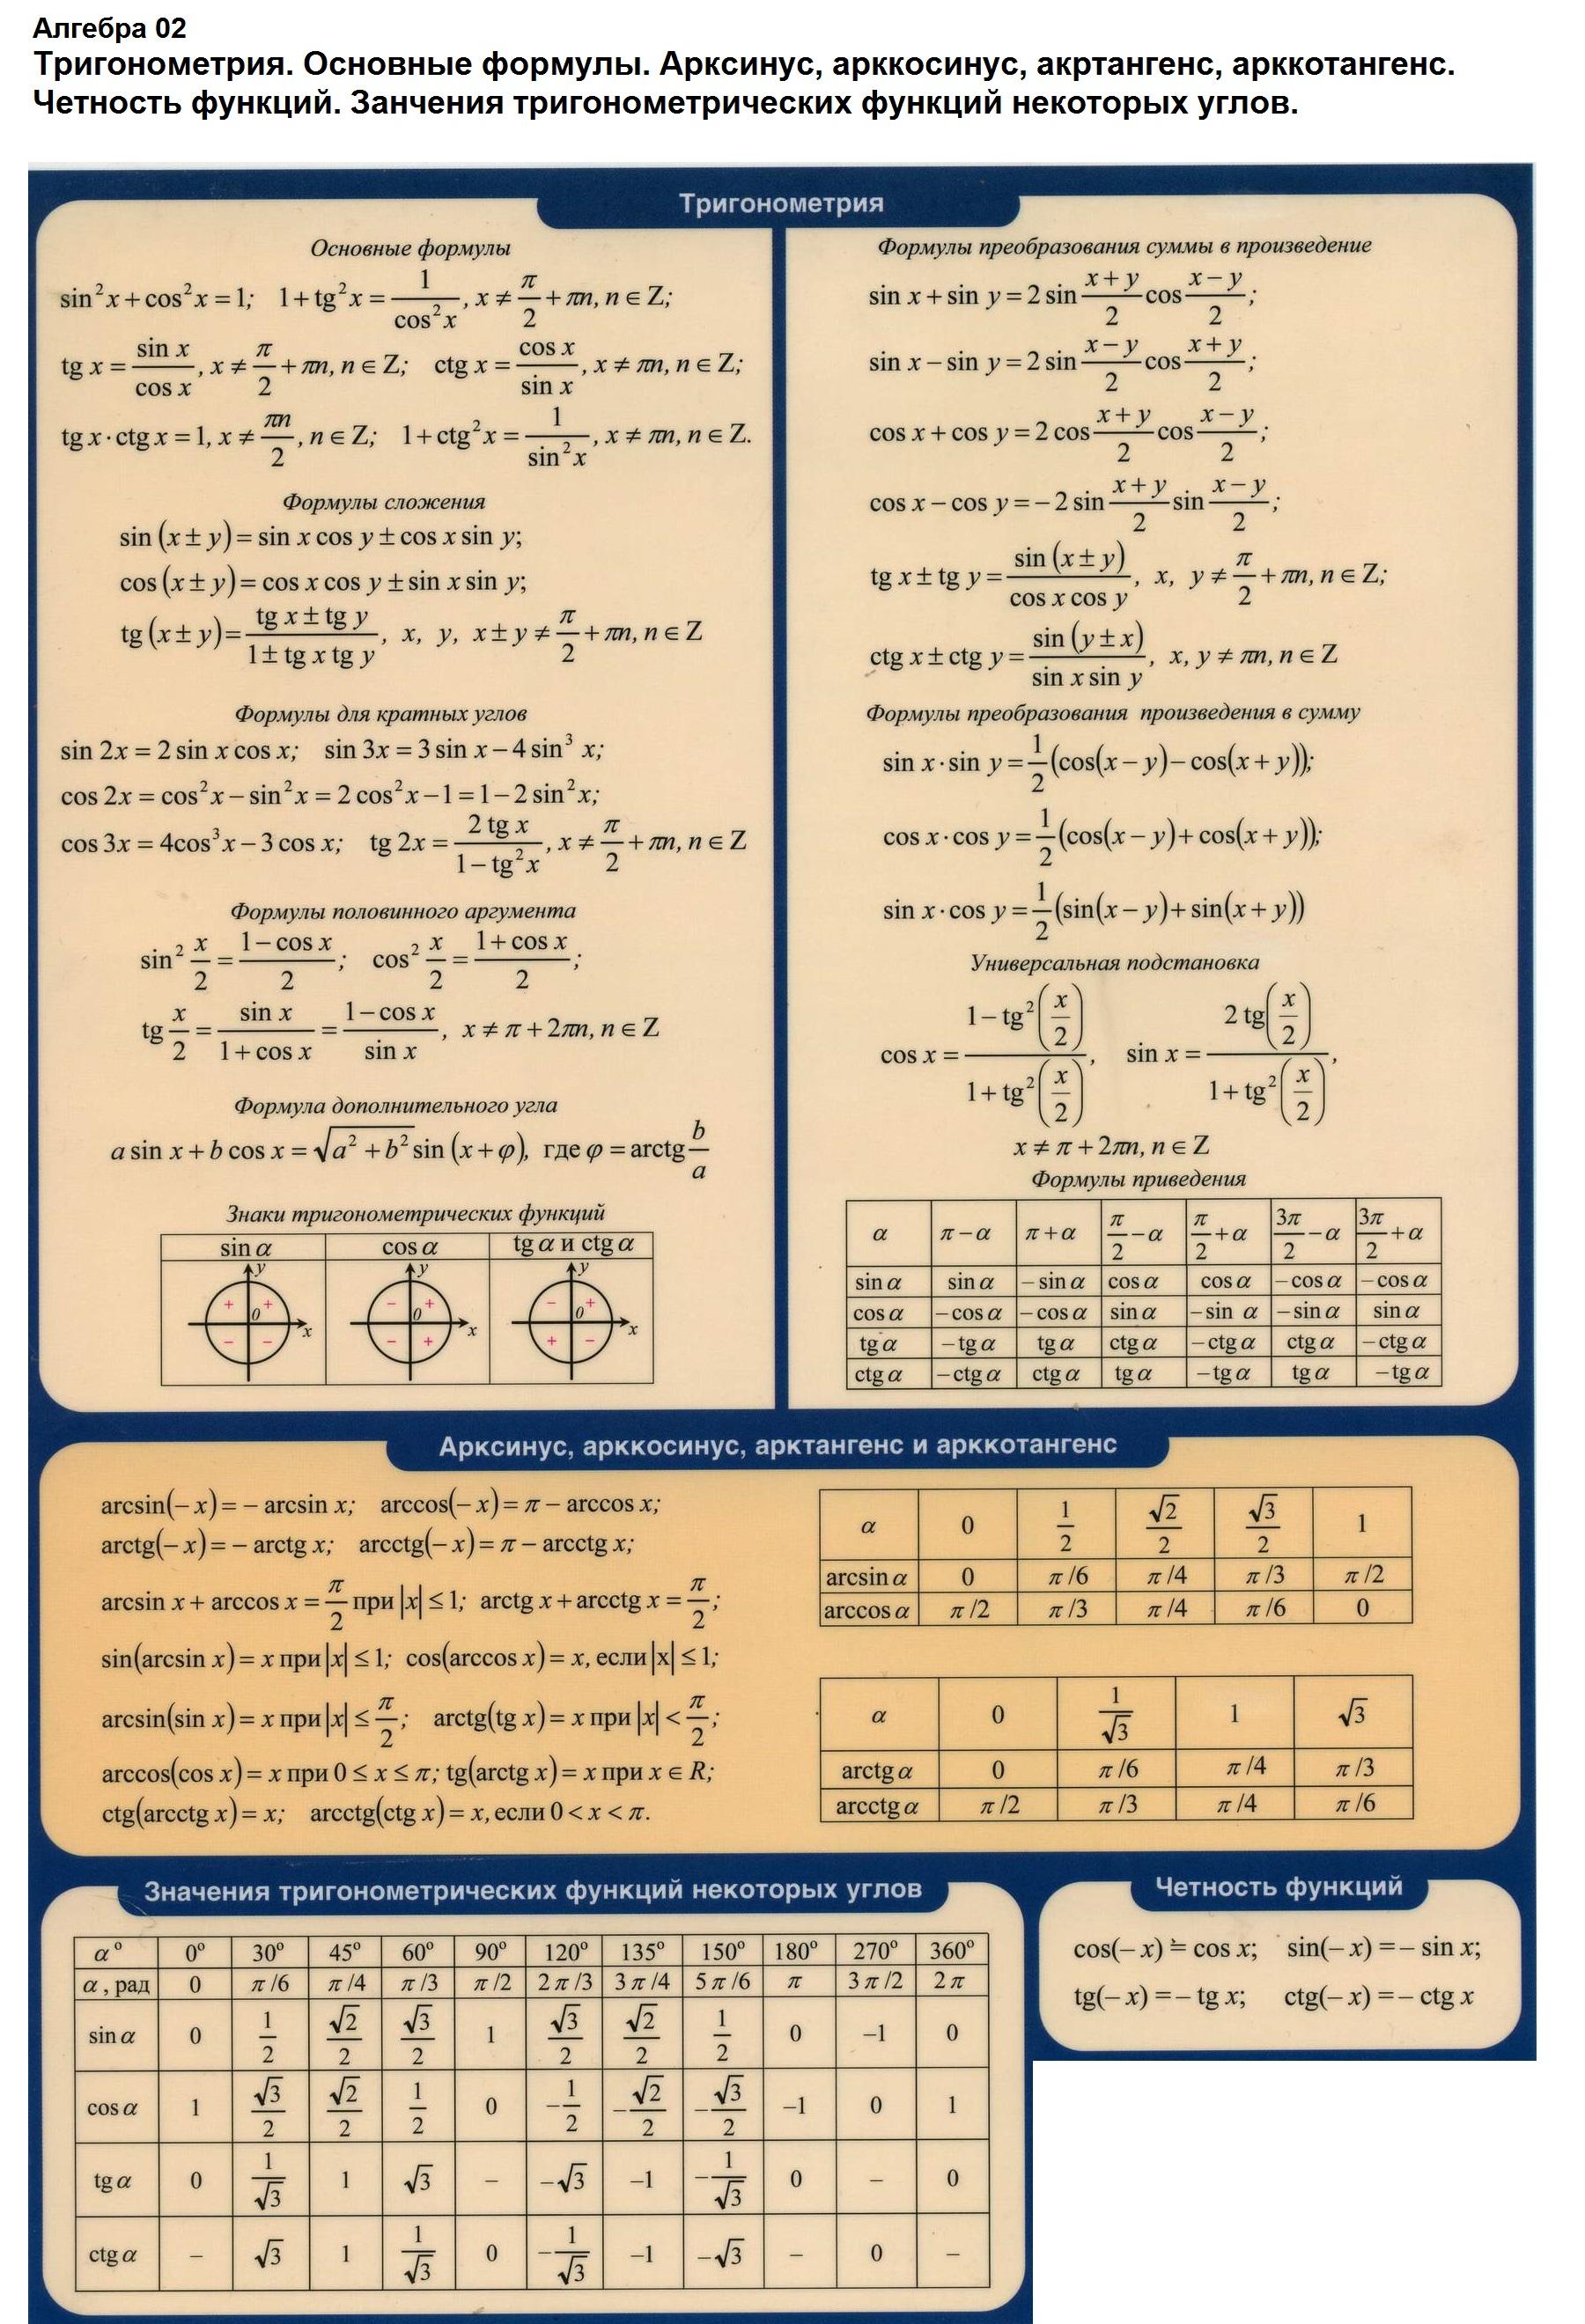 Тригонометрия. Основные формулы. Арксинус, арккосинус,  арктангенс, арккотангенс. Четность функций. Значения тригонометрических функций некоторых углов.